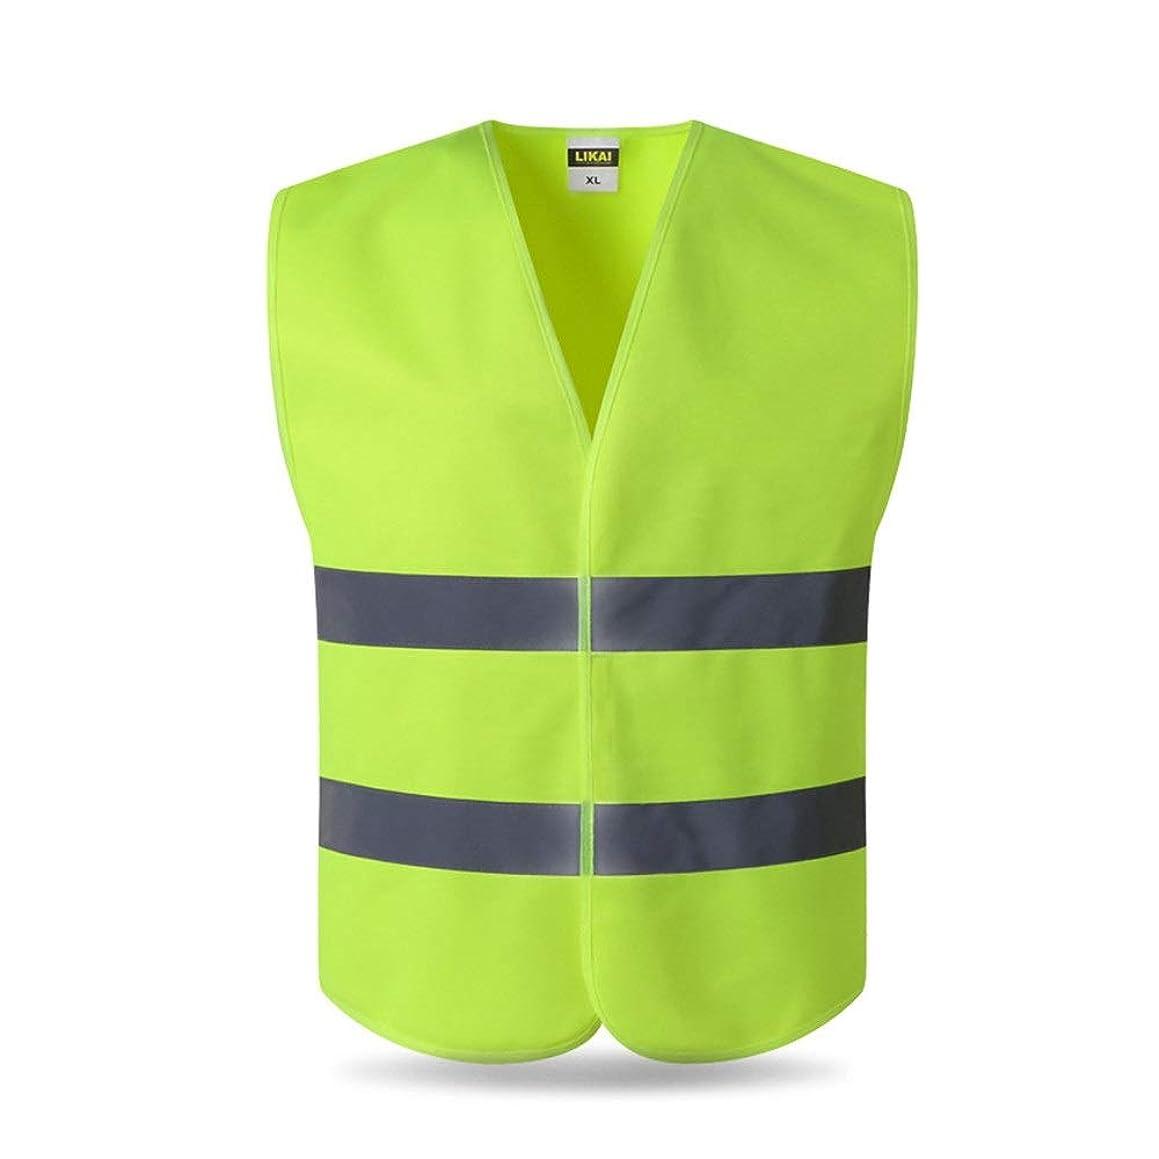 人美徳憧れTILLION Annie life反射ベストベストのハイライト道路交通交通グリーン安全保護ベスト労働者蛍光服ジャケット